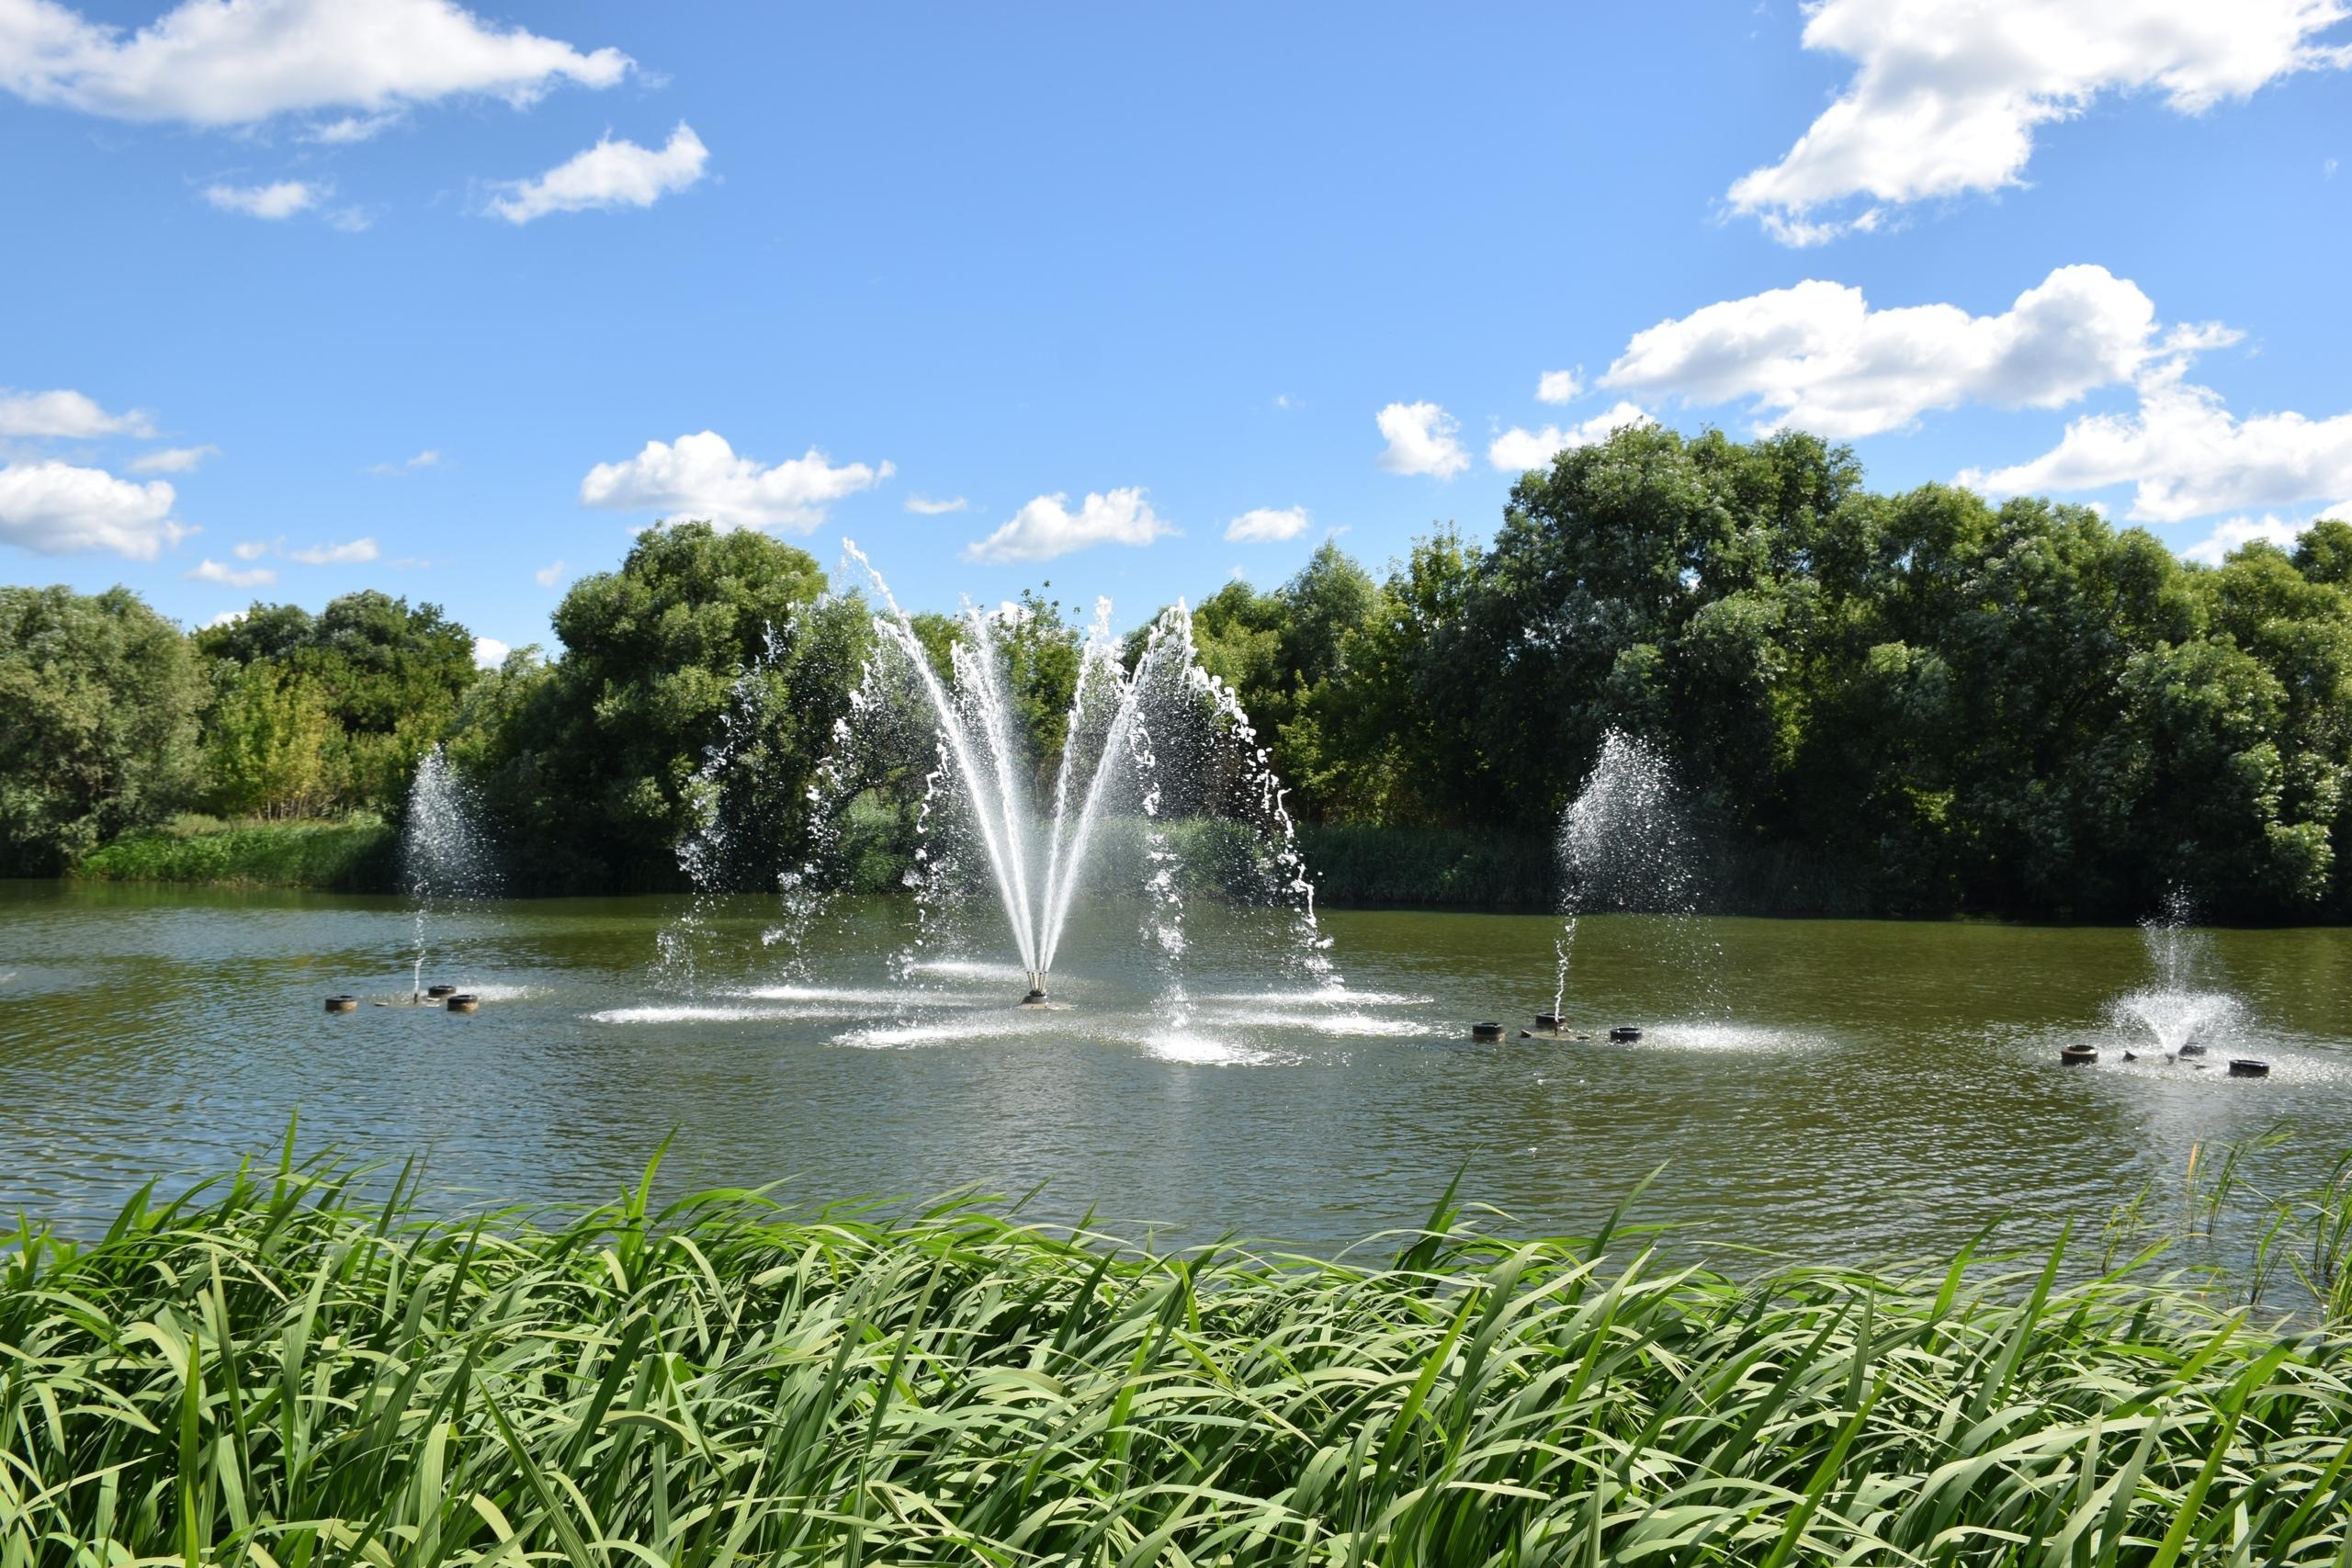 В Тамбове на Набережной спустя почти год опять заработали фонтаны на Цне